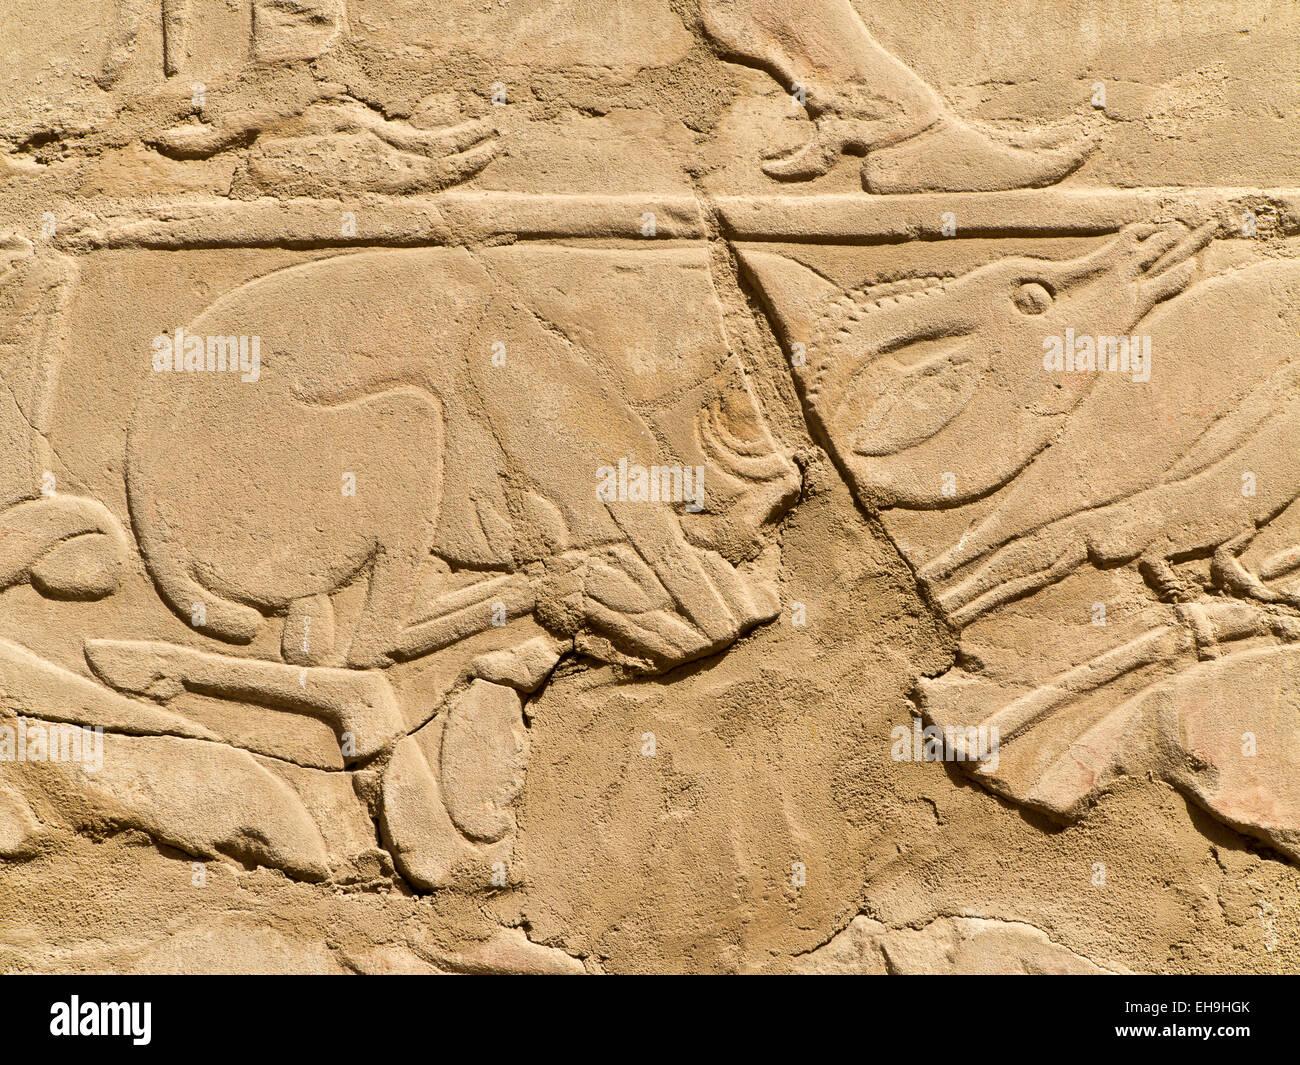 Wiederaufbau der Arkaden Tempel von Thutmosis IV im Freilichtmuseum in Karnak Luxor Ägypten Stockbild